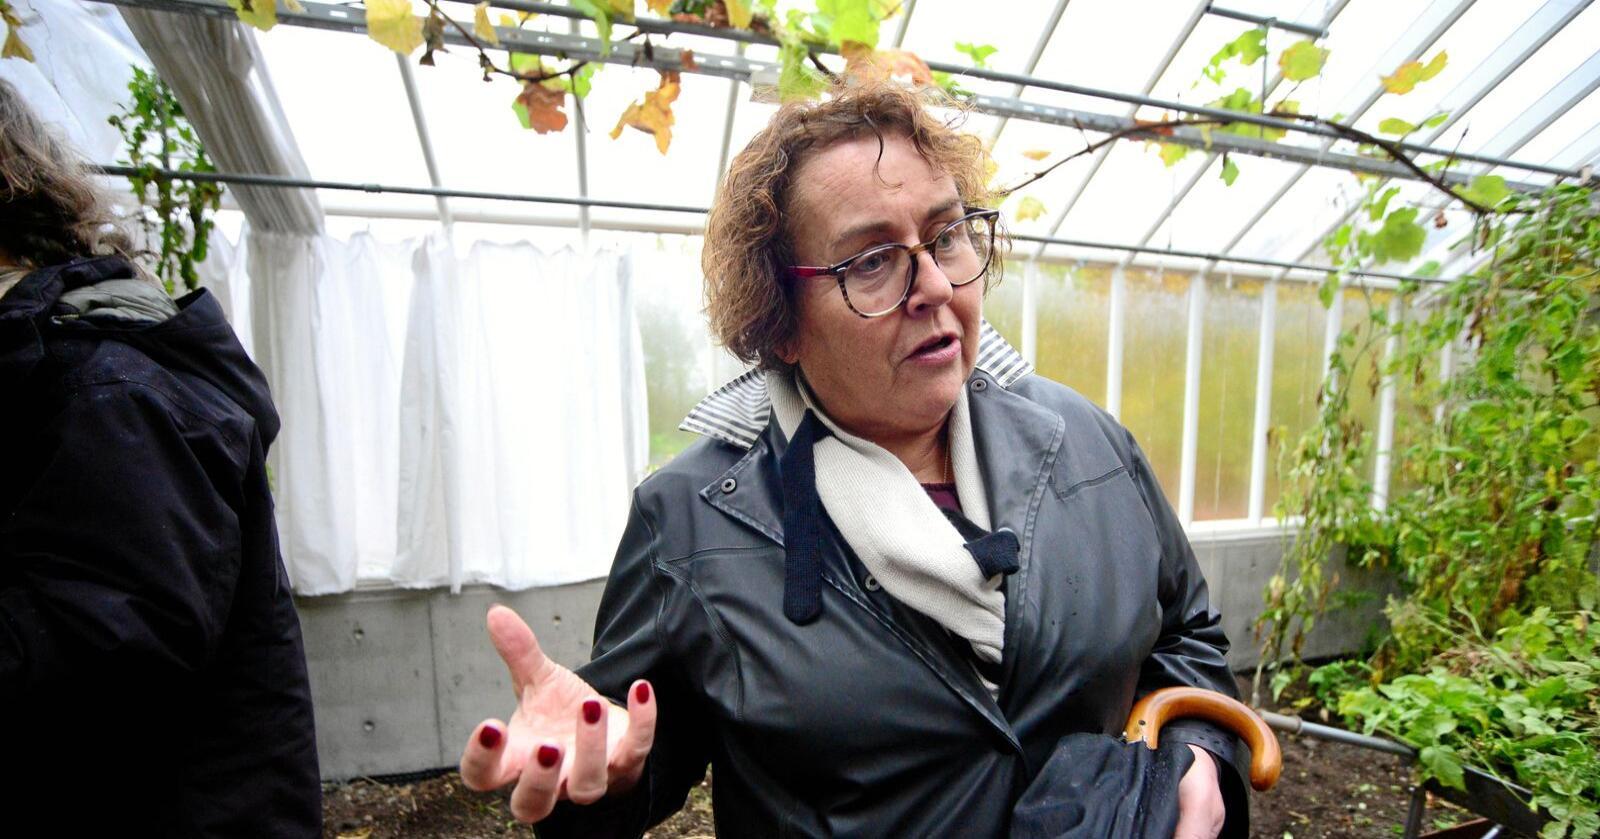 Ministerens tilsløring av sjølforsyningssituasjonen i norsk jordbruk har reelle konsekvenser, skriver Svenn Arne Lie. Foto: Siri Juell Rasmussen